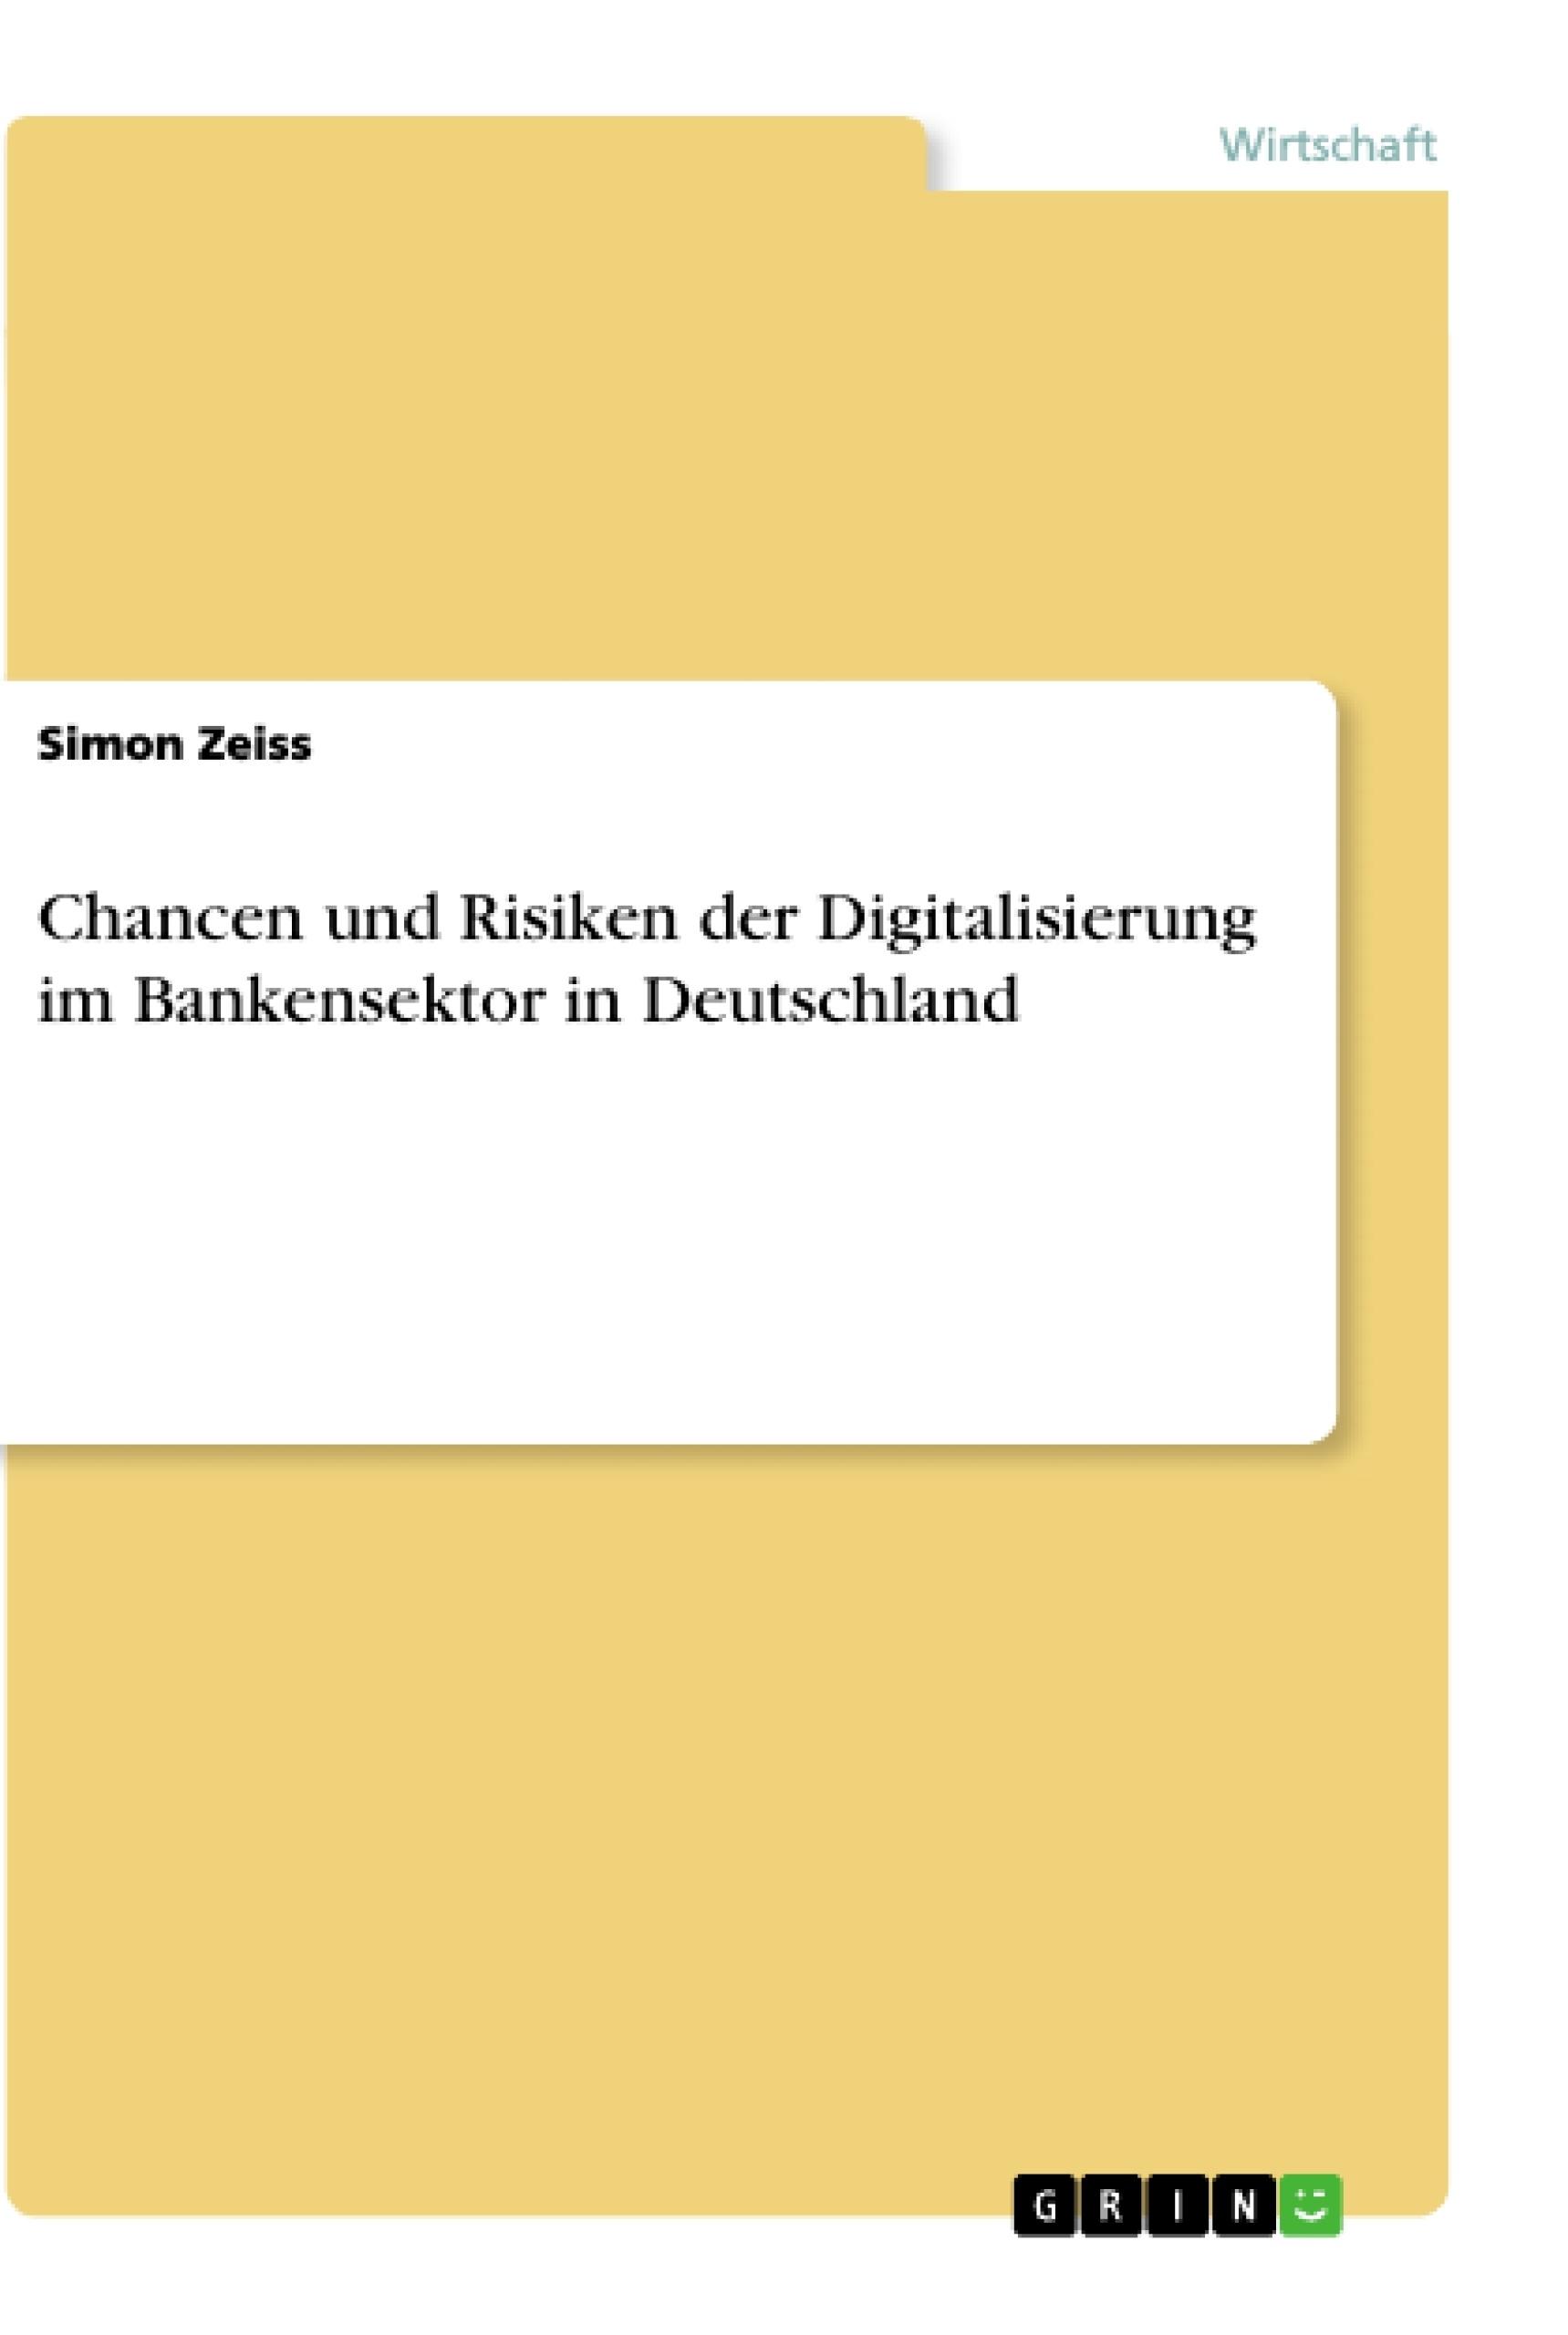 Titel: Chancen und Risiken der Digitalisierung im Bankensektor in Deutschland